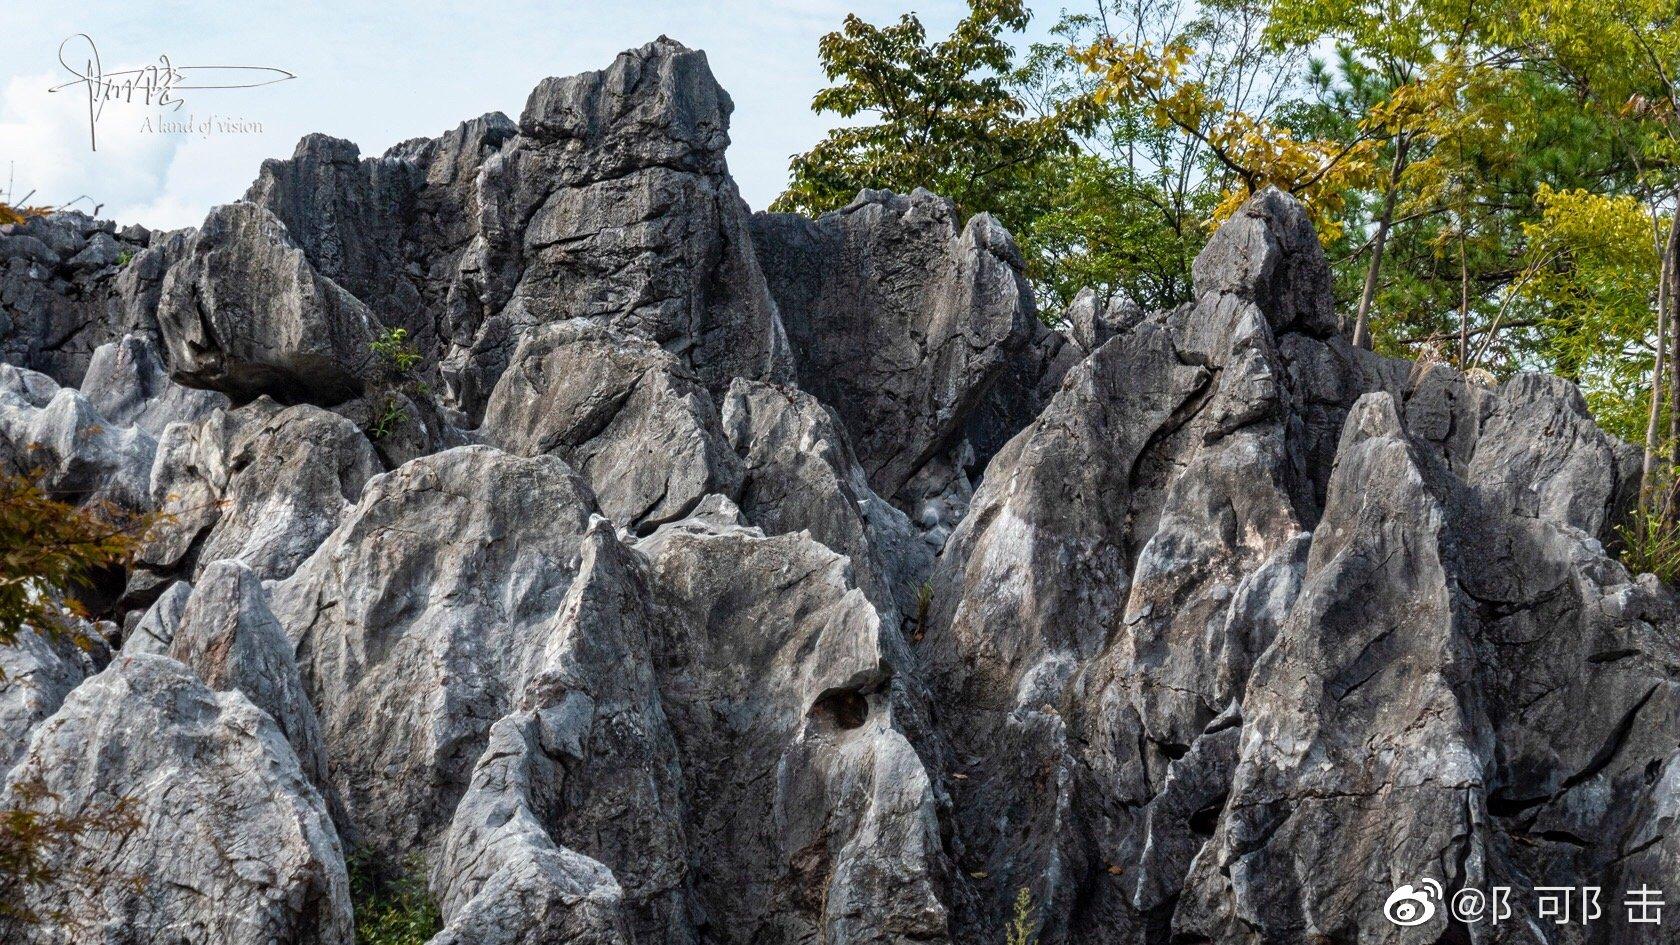 千岛湖石林景区面积20平方公里,是中国四大石林之一